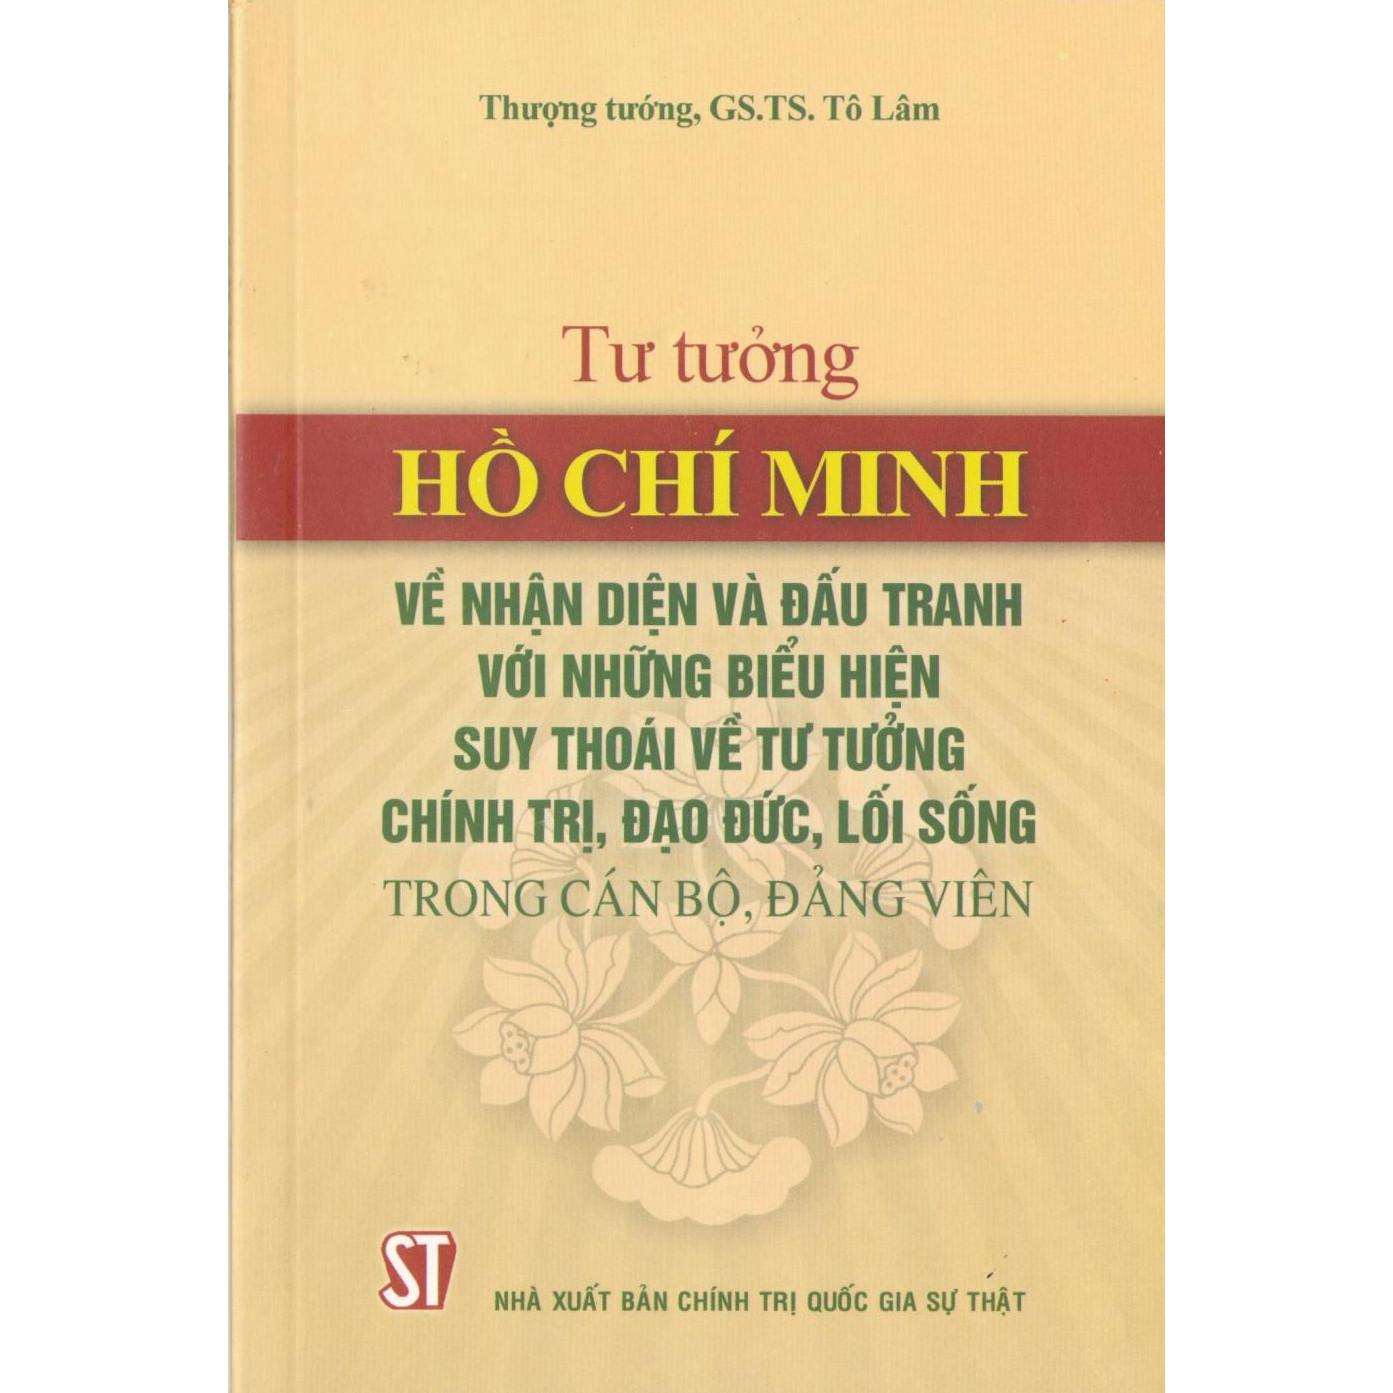 Sách Tư Tưởng Hồ Chí Minh Về Nhận Diện Và Đấu Tranh Với Những Biểu Hiện Suy Thoái Về Tư Tưởng Chính Trị